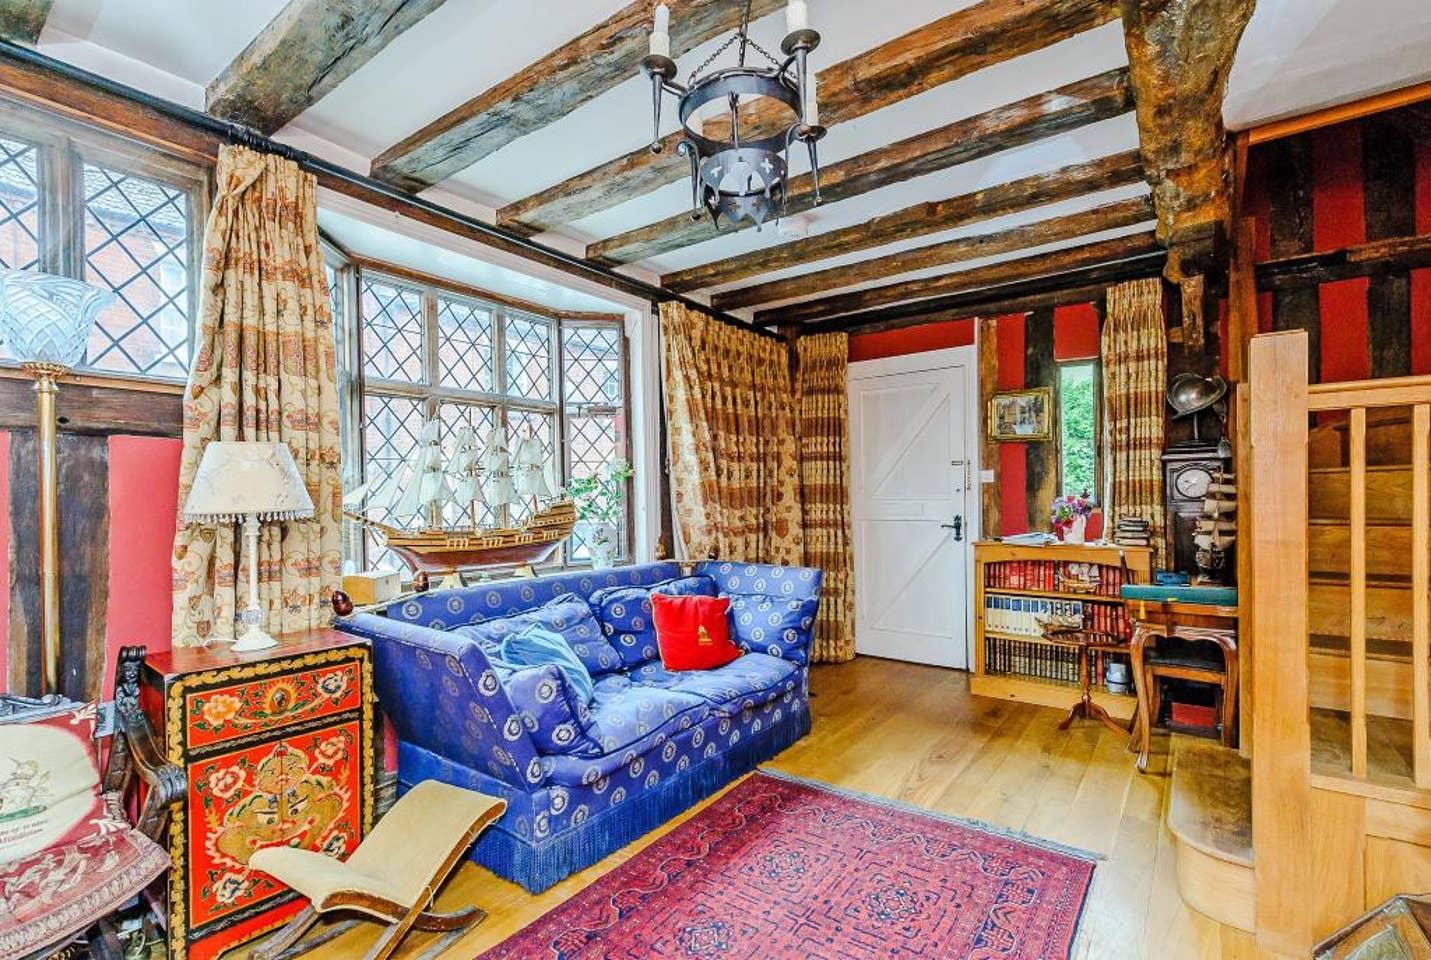 Imagem cortesia de Airbnb